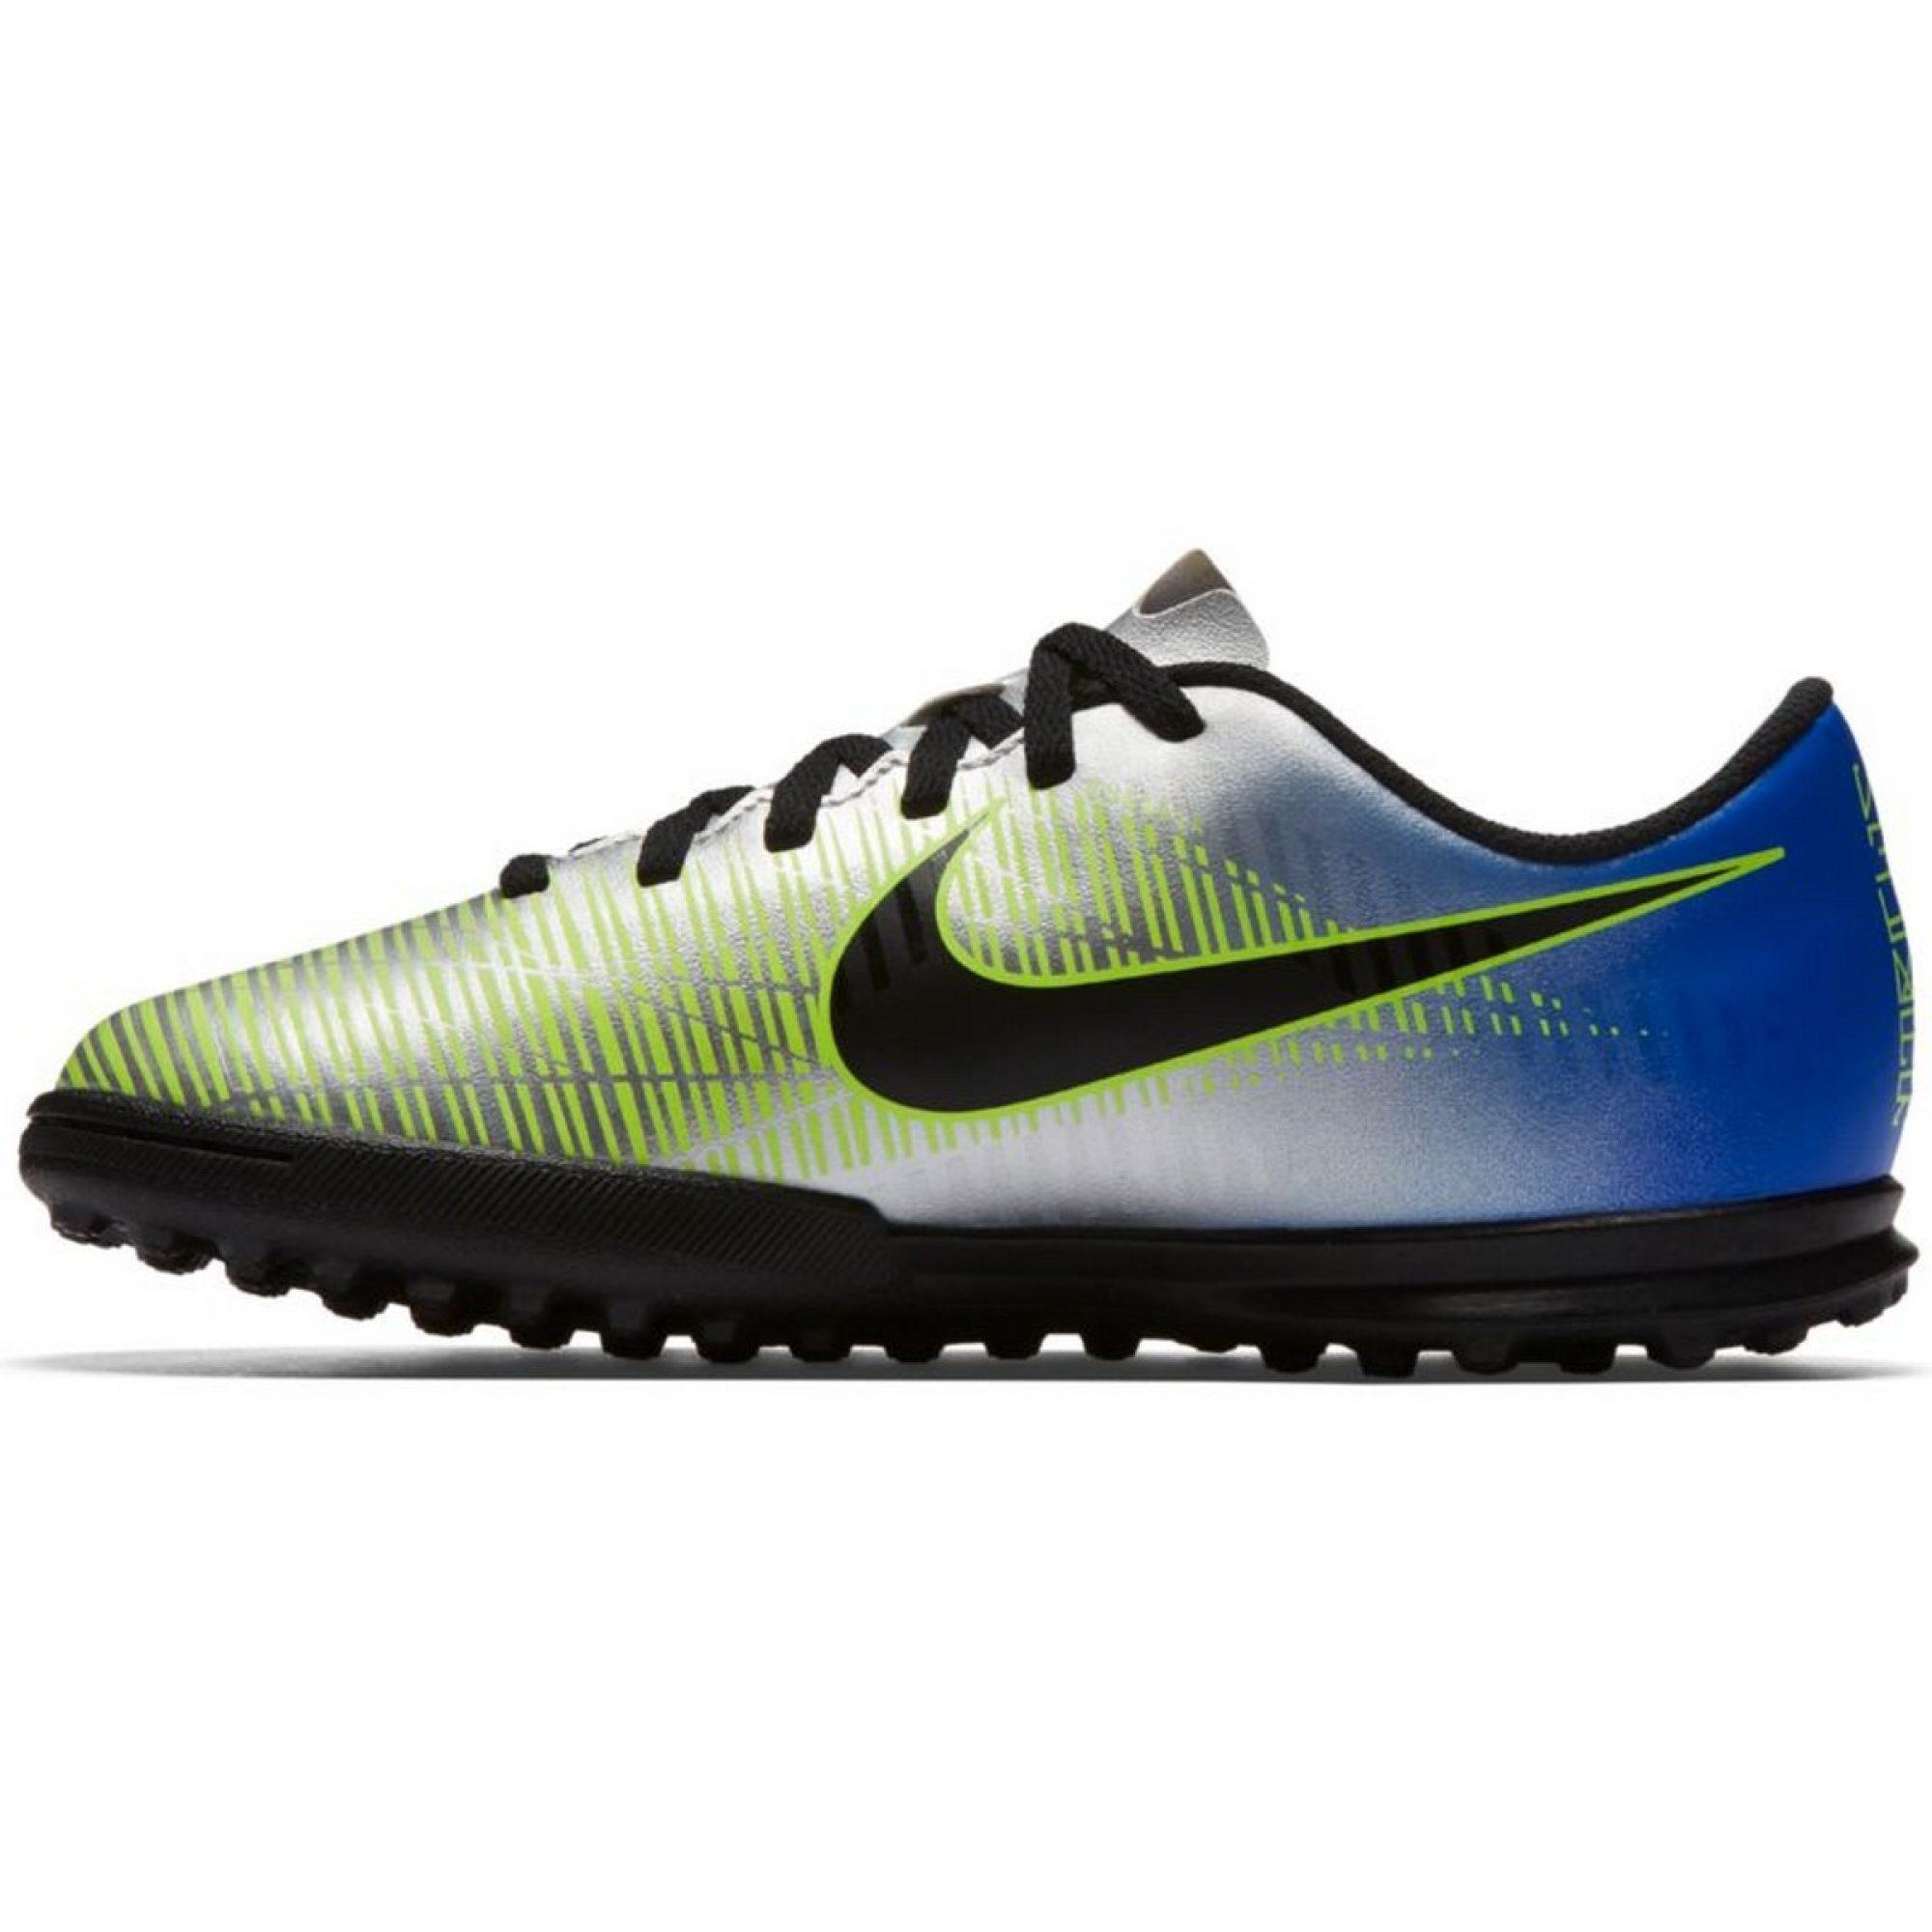 numero 44 45 leggere La Descriz Scarpe Da Calcio Nike Con